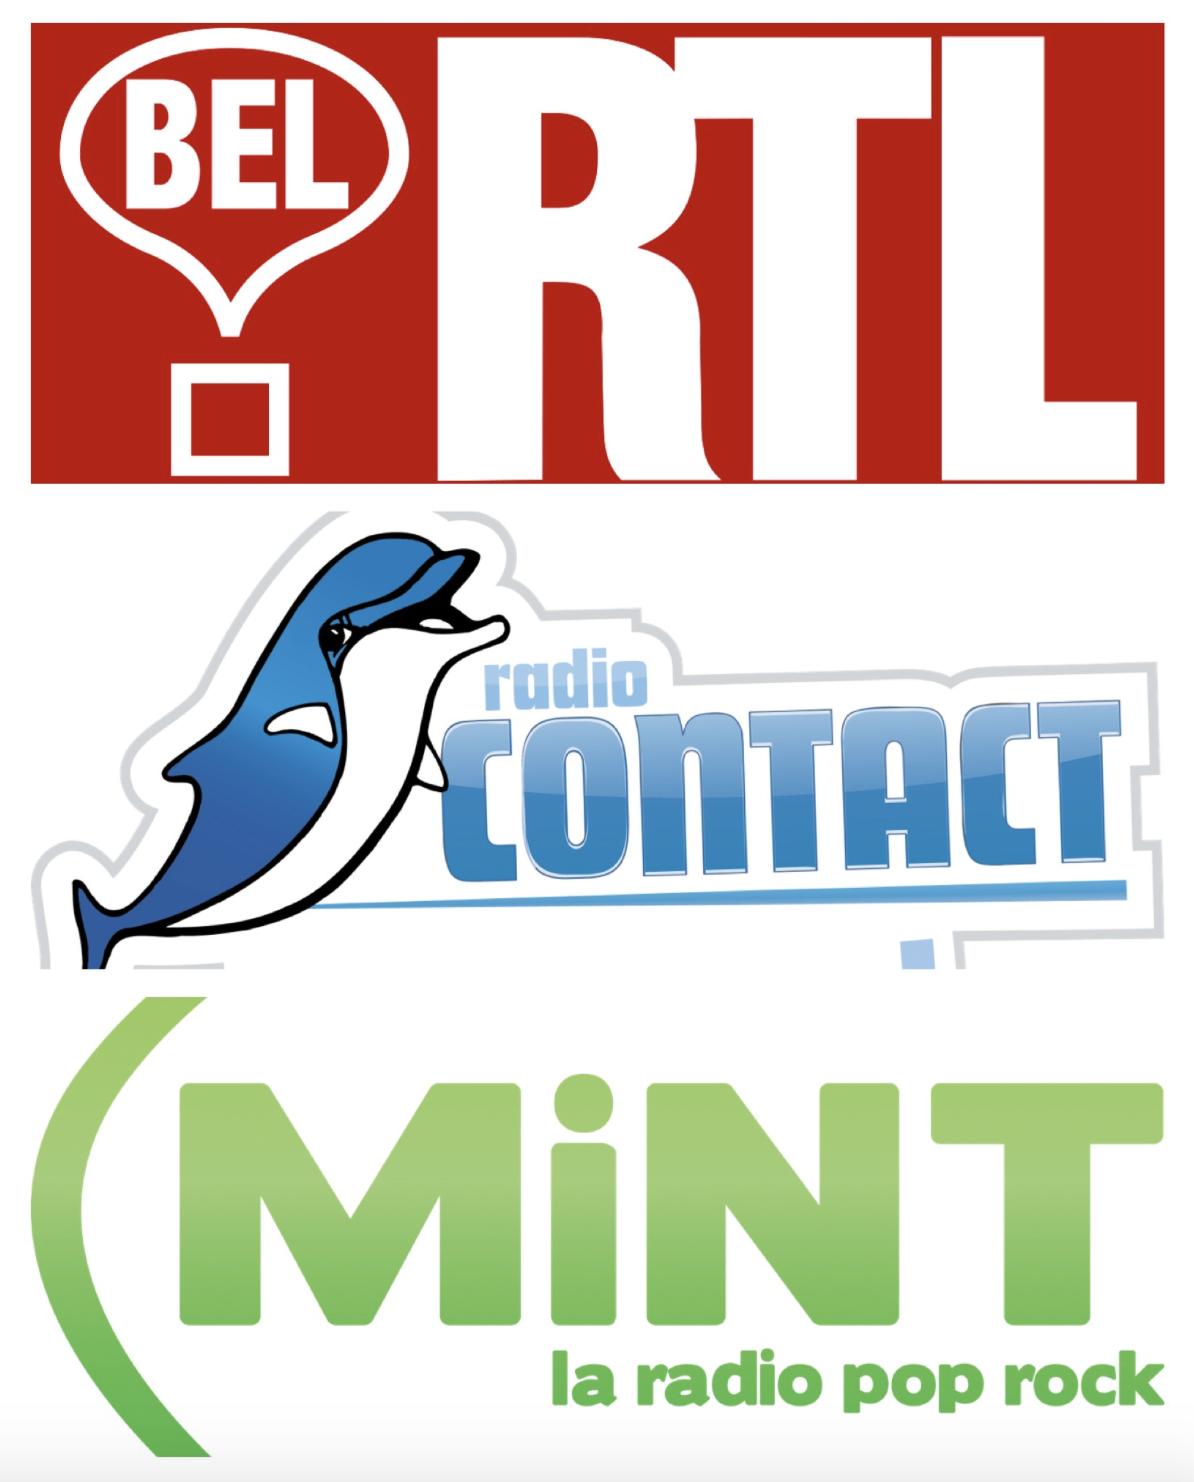 CIM Belgique : les radios de RTL Belgium retrouvent des couleurs